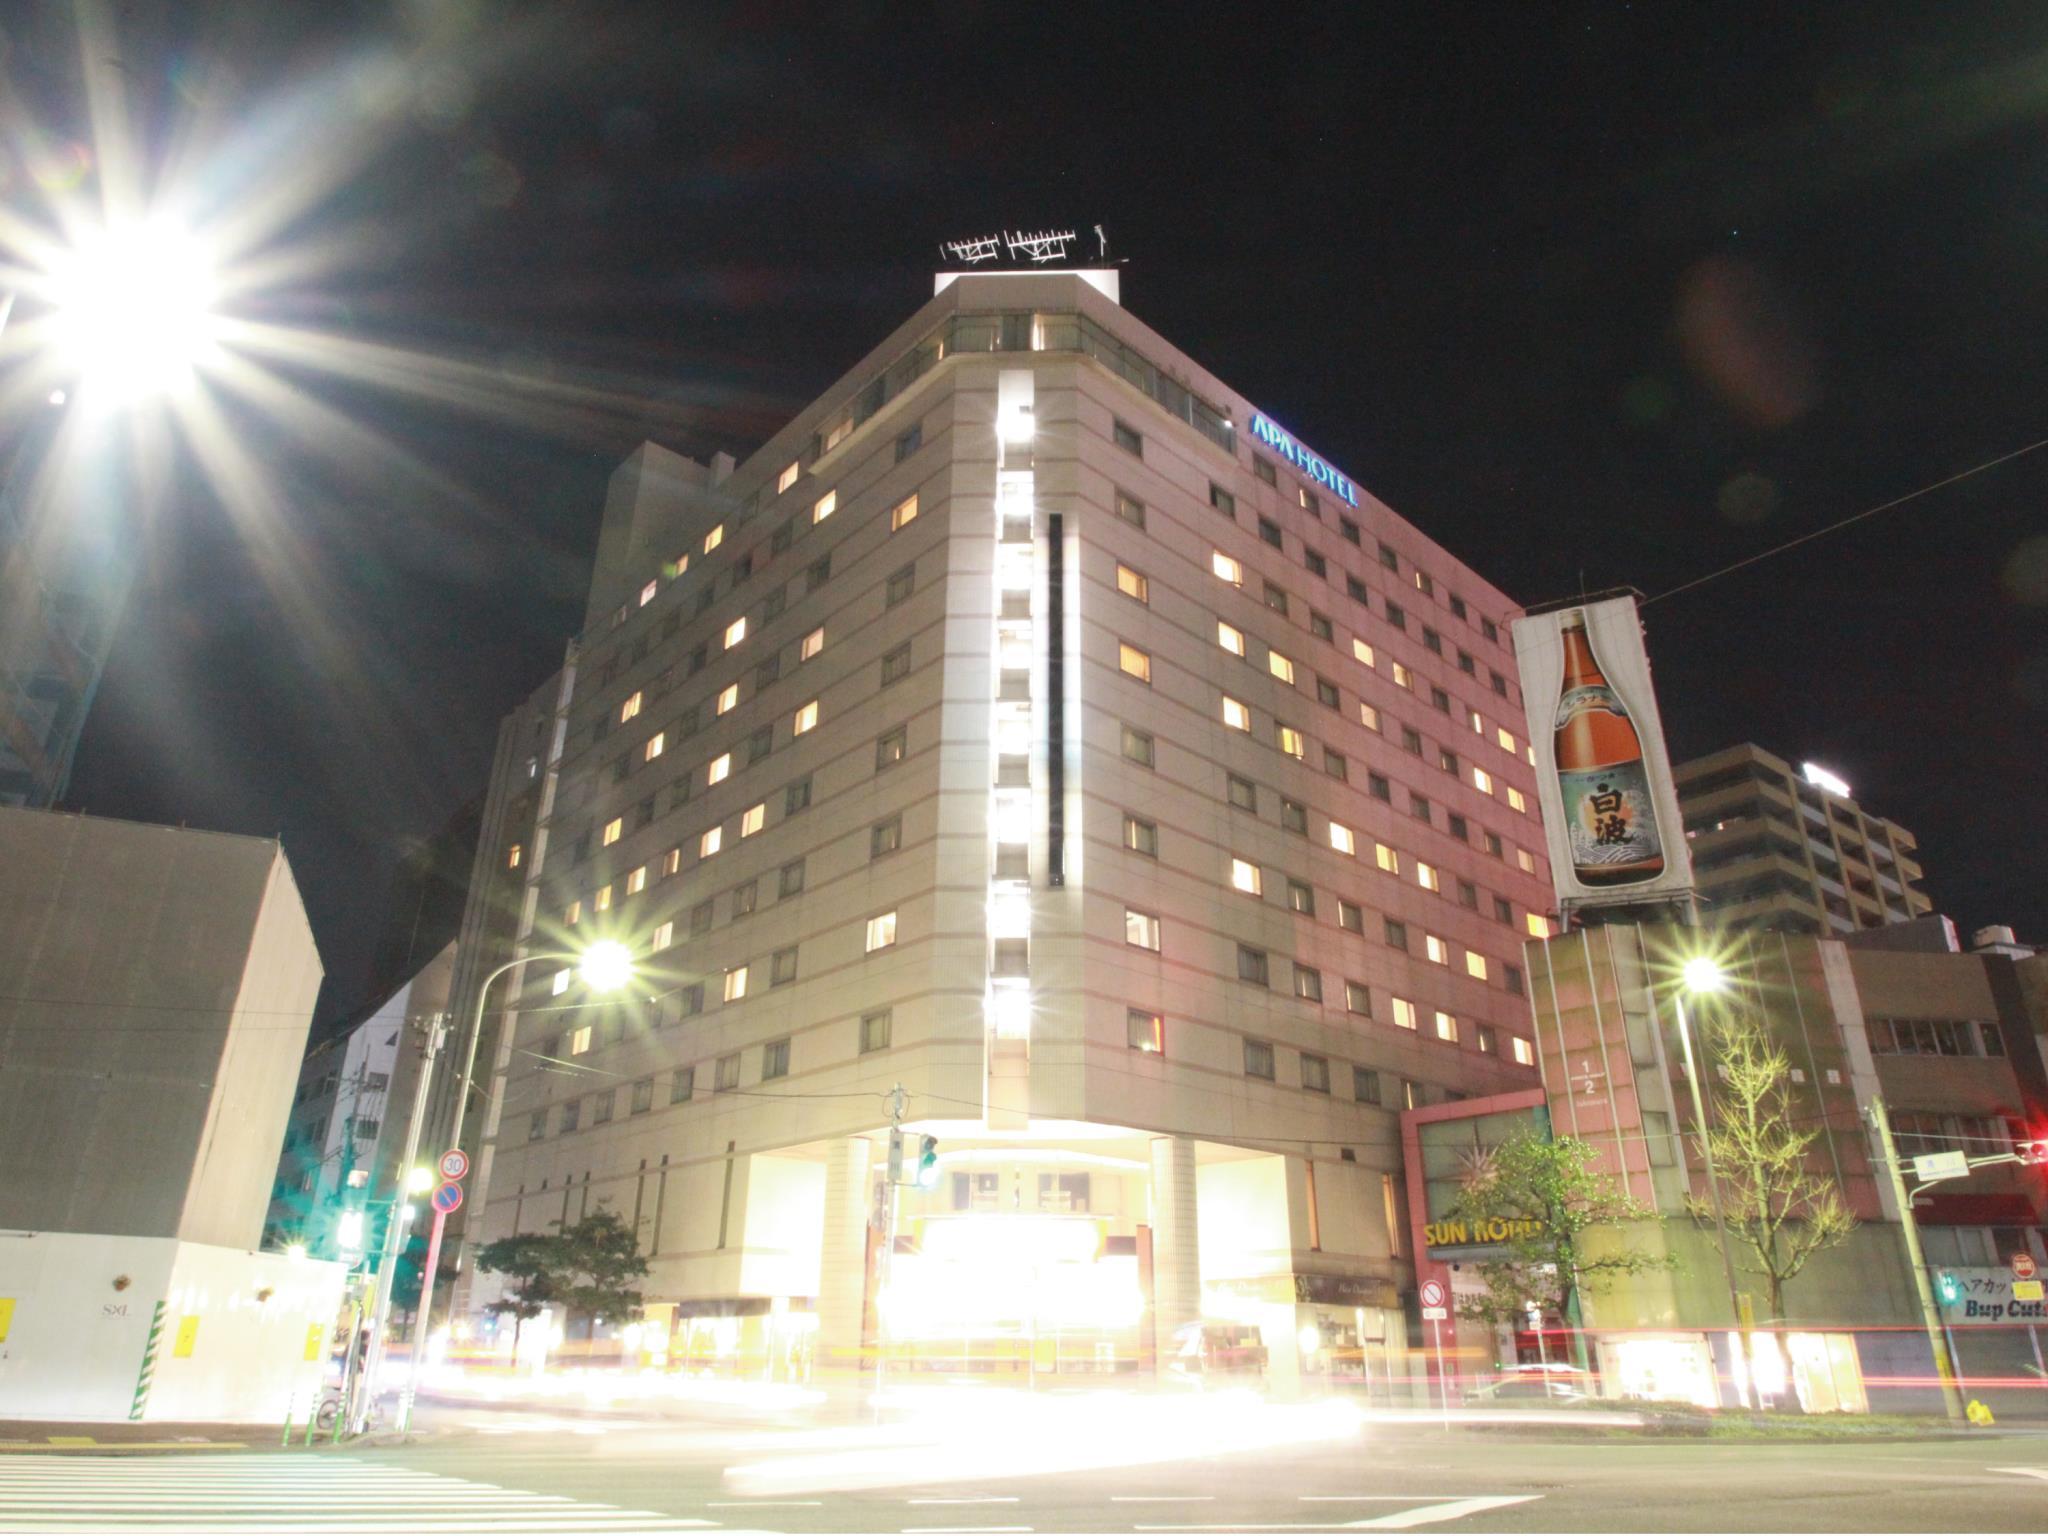 โรงแรมอะป้า ฟุกุโอกะ-วาตานาเบะโดริ